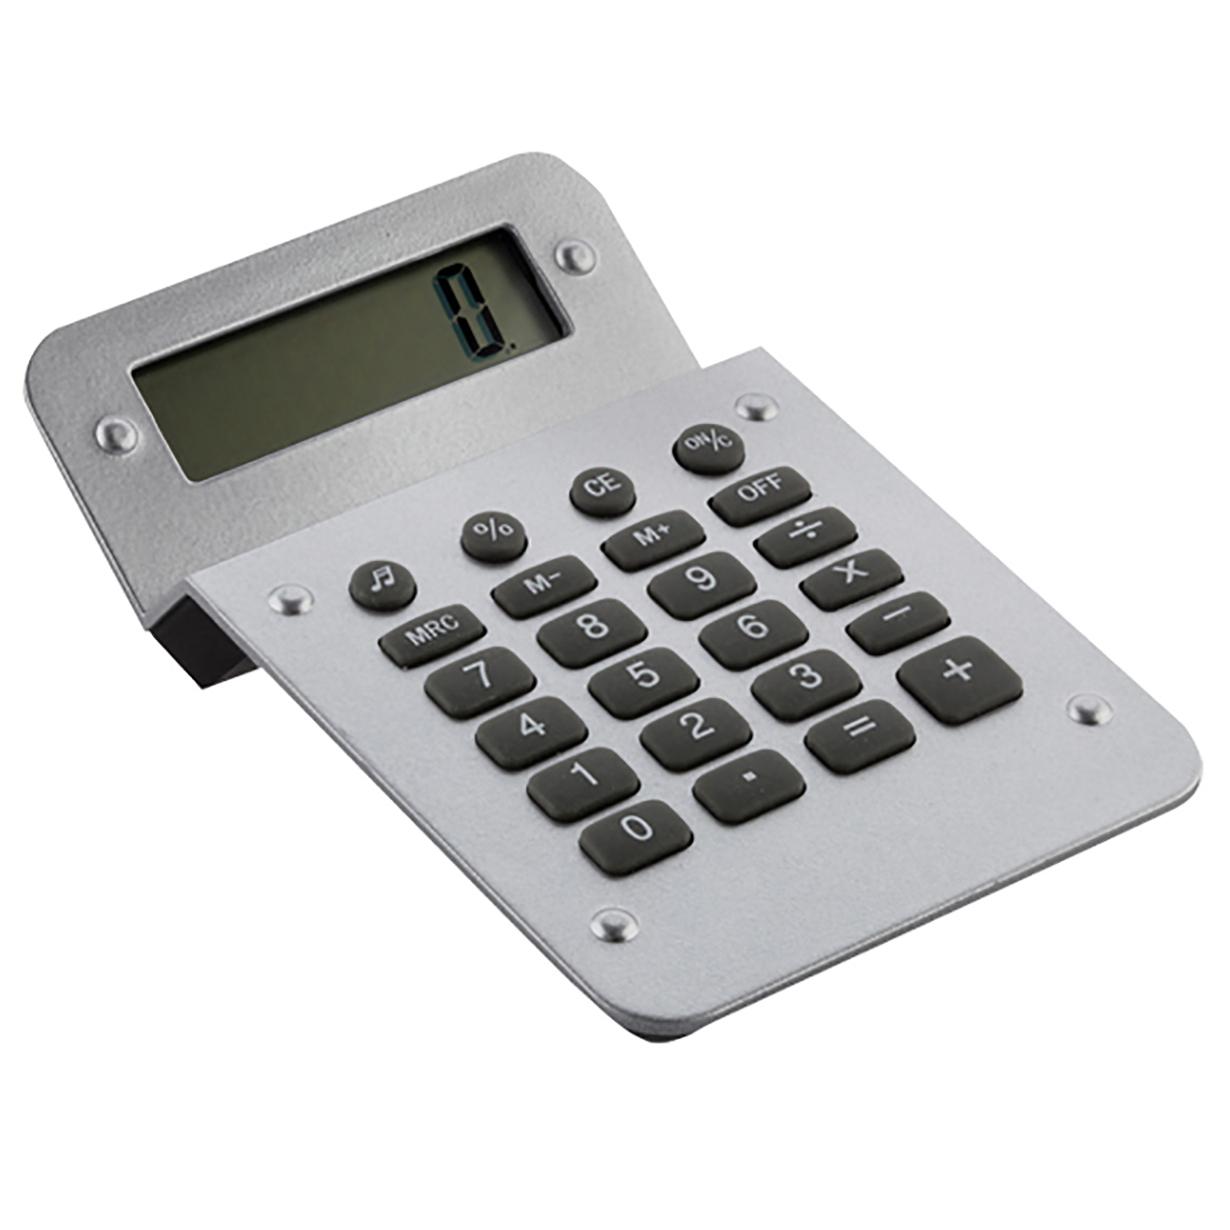 calculadora_brecia_g.jpg